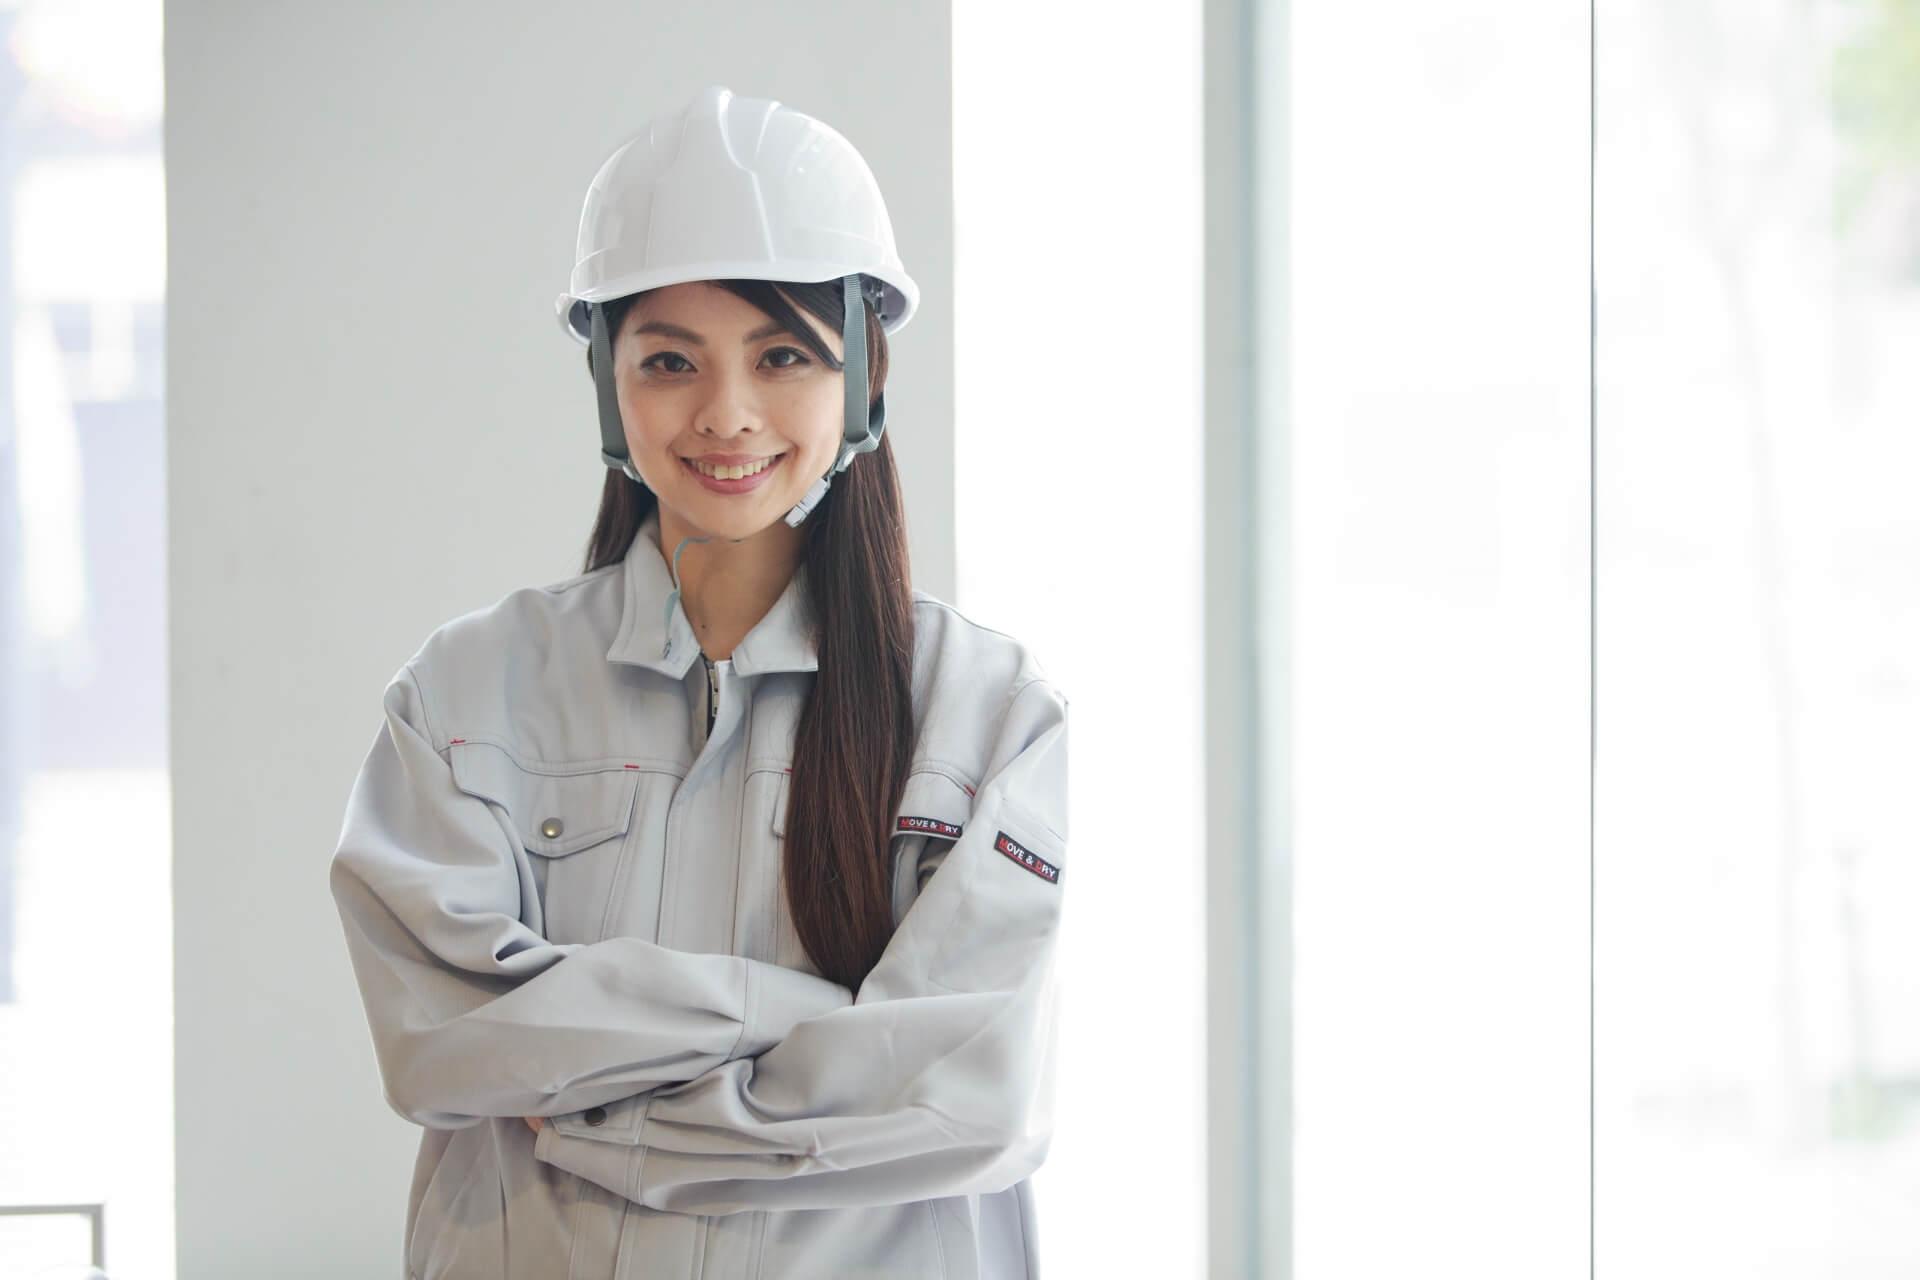 ヘルメットと作業服姿で腕組みをする若い女性従業員